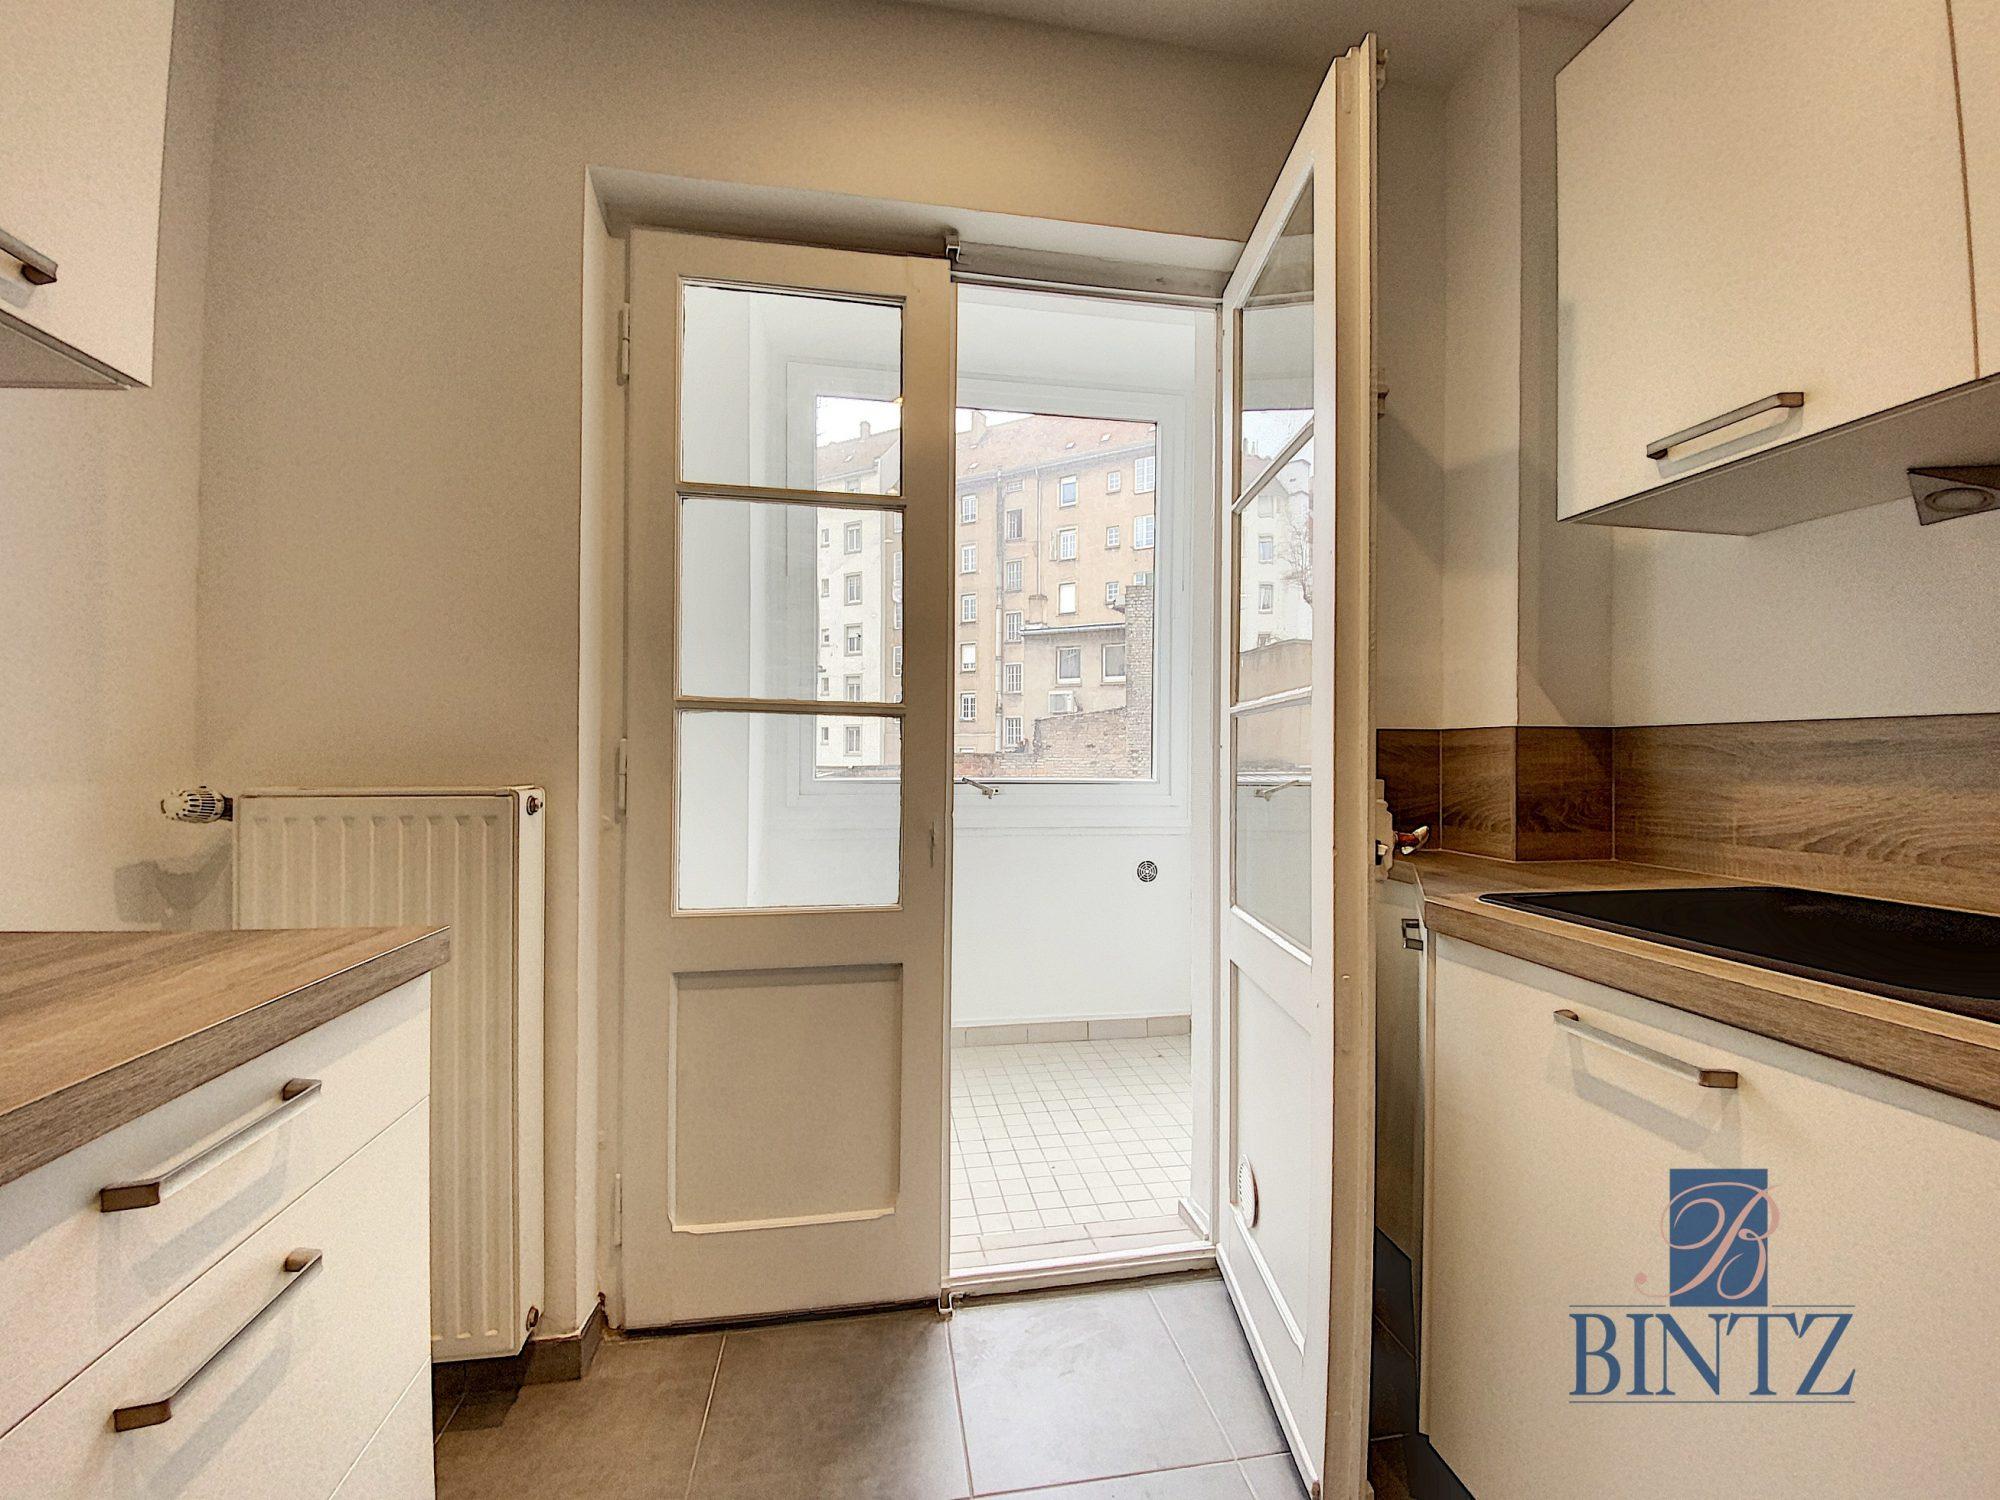 Appartement 3 pièces 69m2 dans le quartier des XV - Devenez propriétaire en toute confiance - Bintz Immobilier - 7